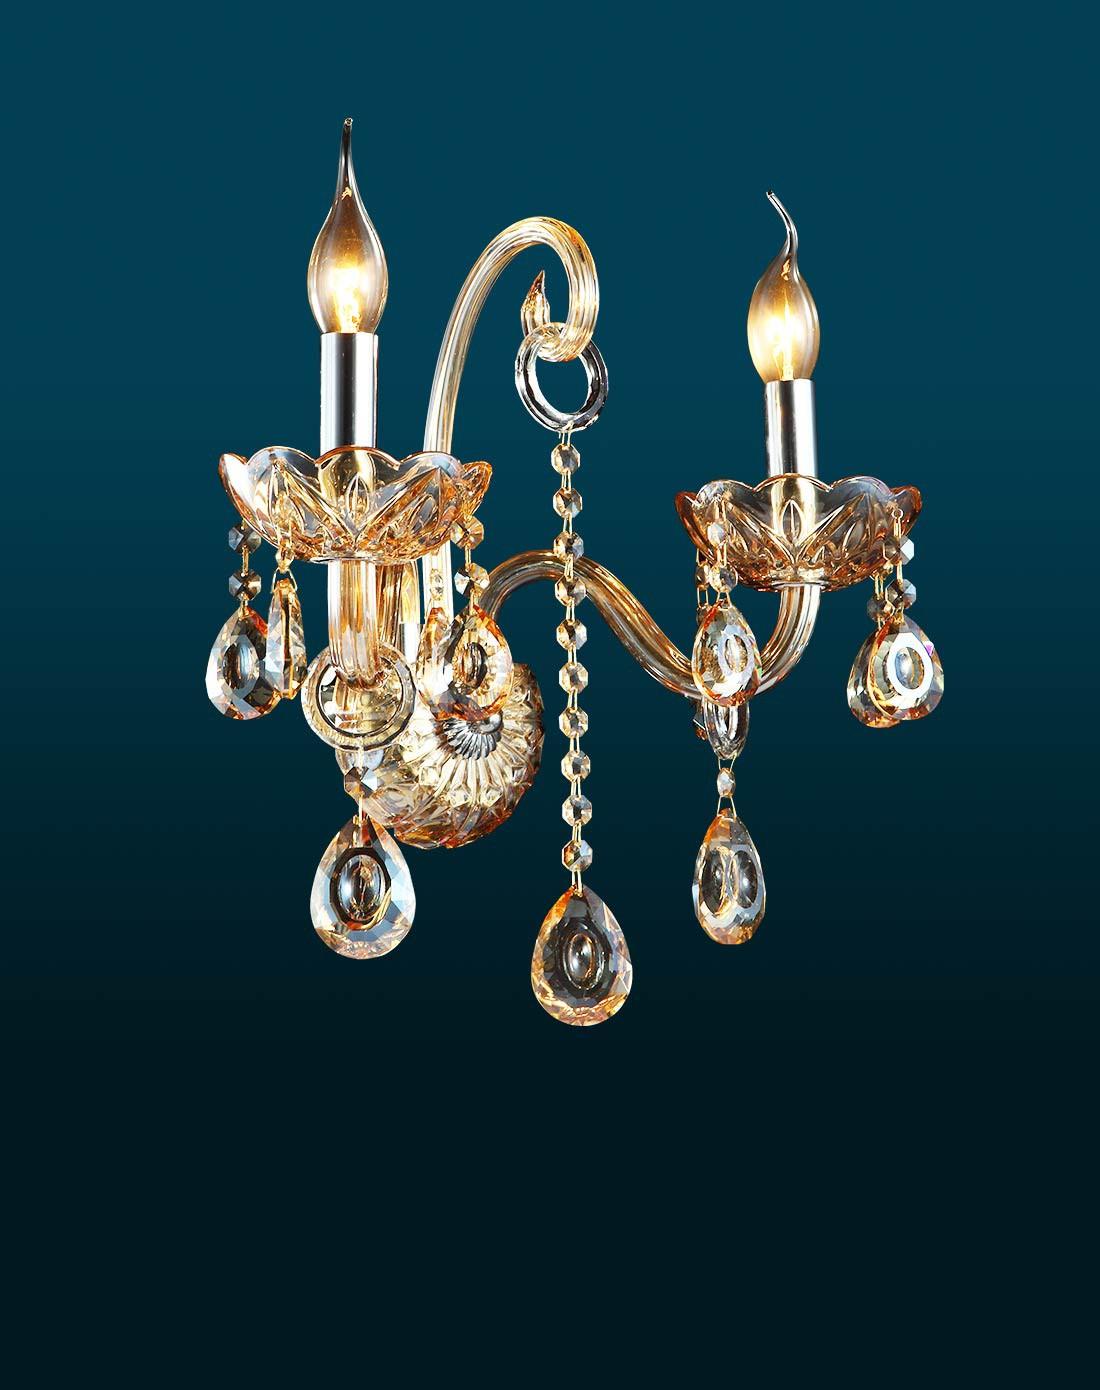 欧塞洛斯osairous灯饰专场欧式蜡烛水晶双头壁灯